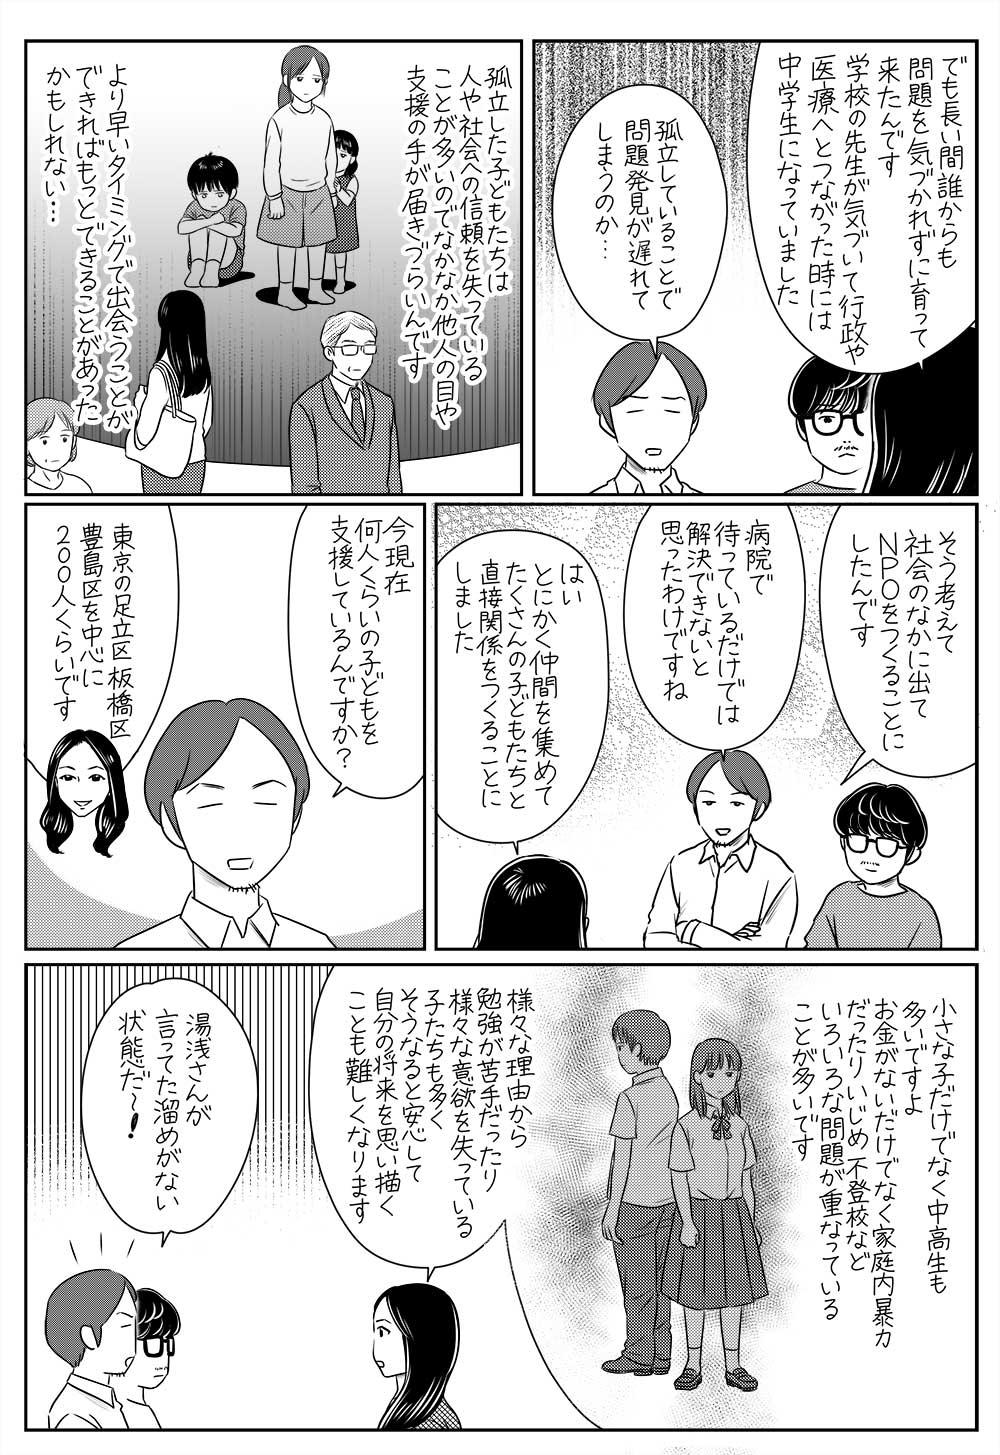 f:id:kakijiro:20170501004231j:plain